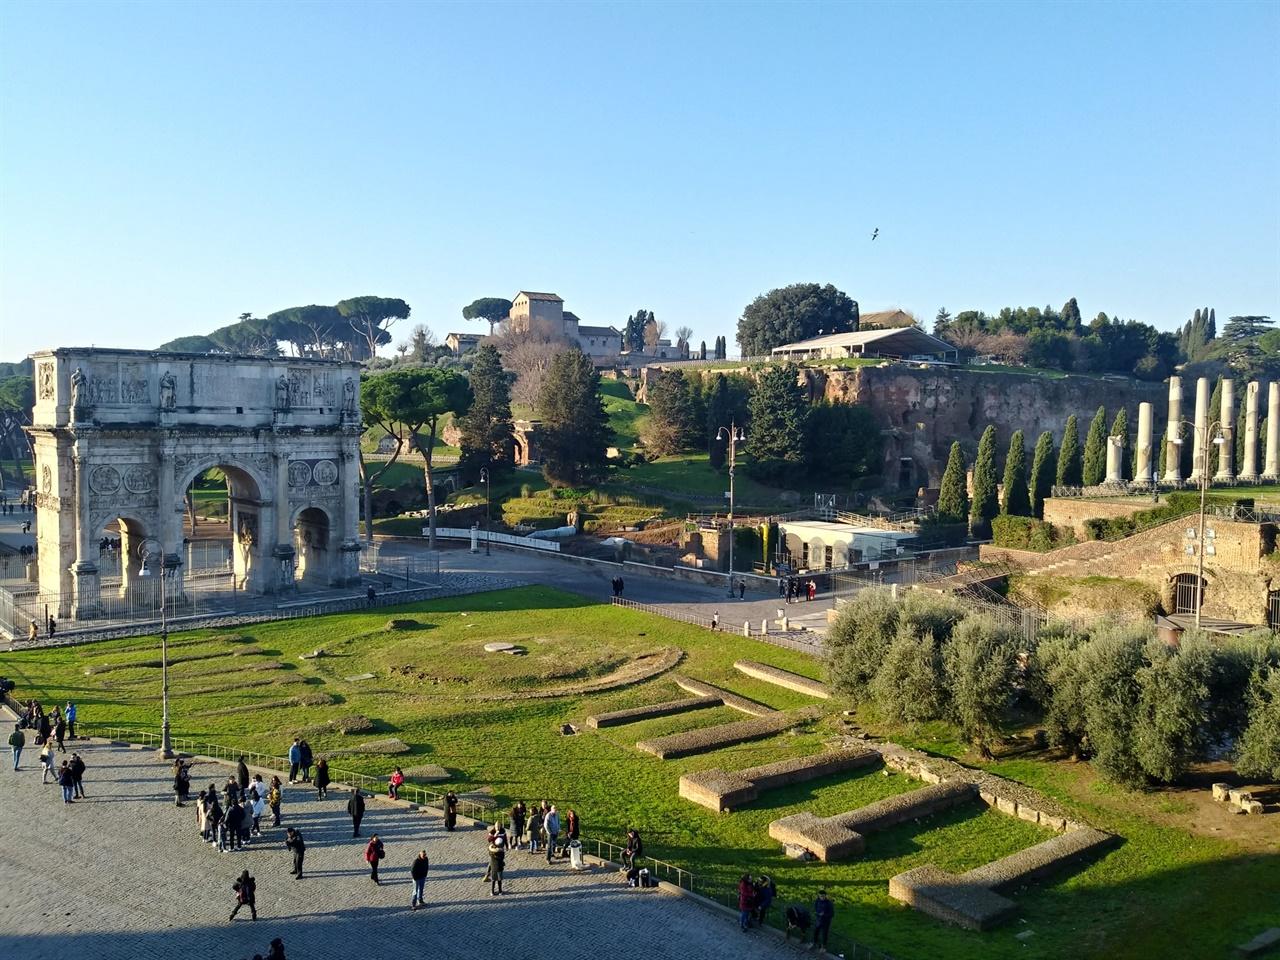 로마제국의 시작점 콜로세오에서 바라본 콘스탄티누스 개선문과 팔라티노 언덕의 모습. 포로 로마노의 시작이자, 로마가 시작된 역사적인 곳이다.